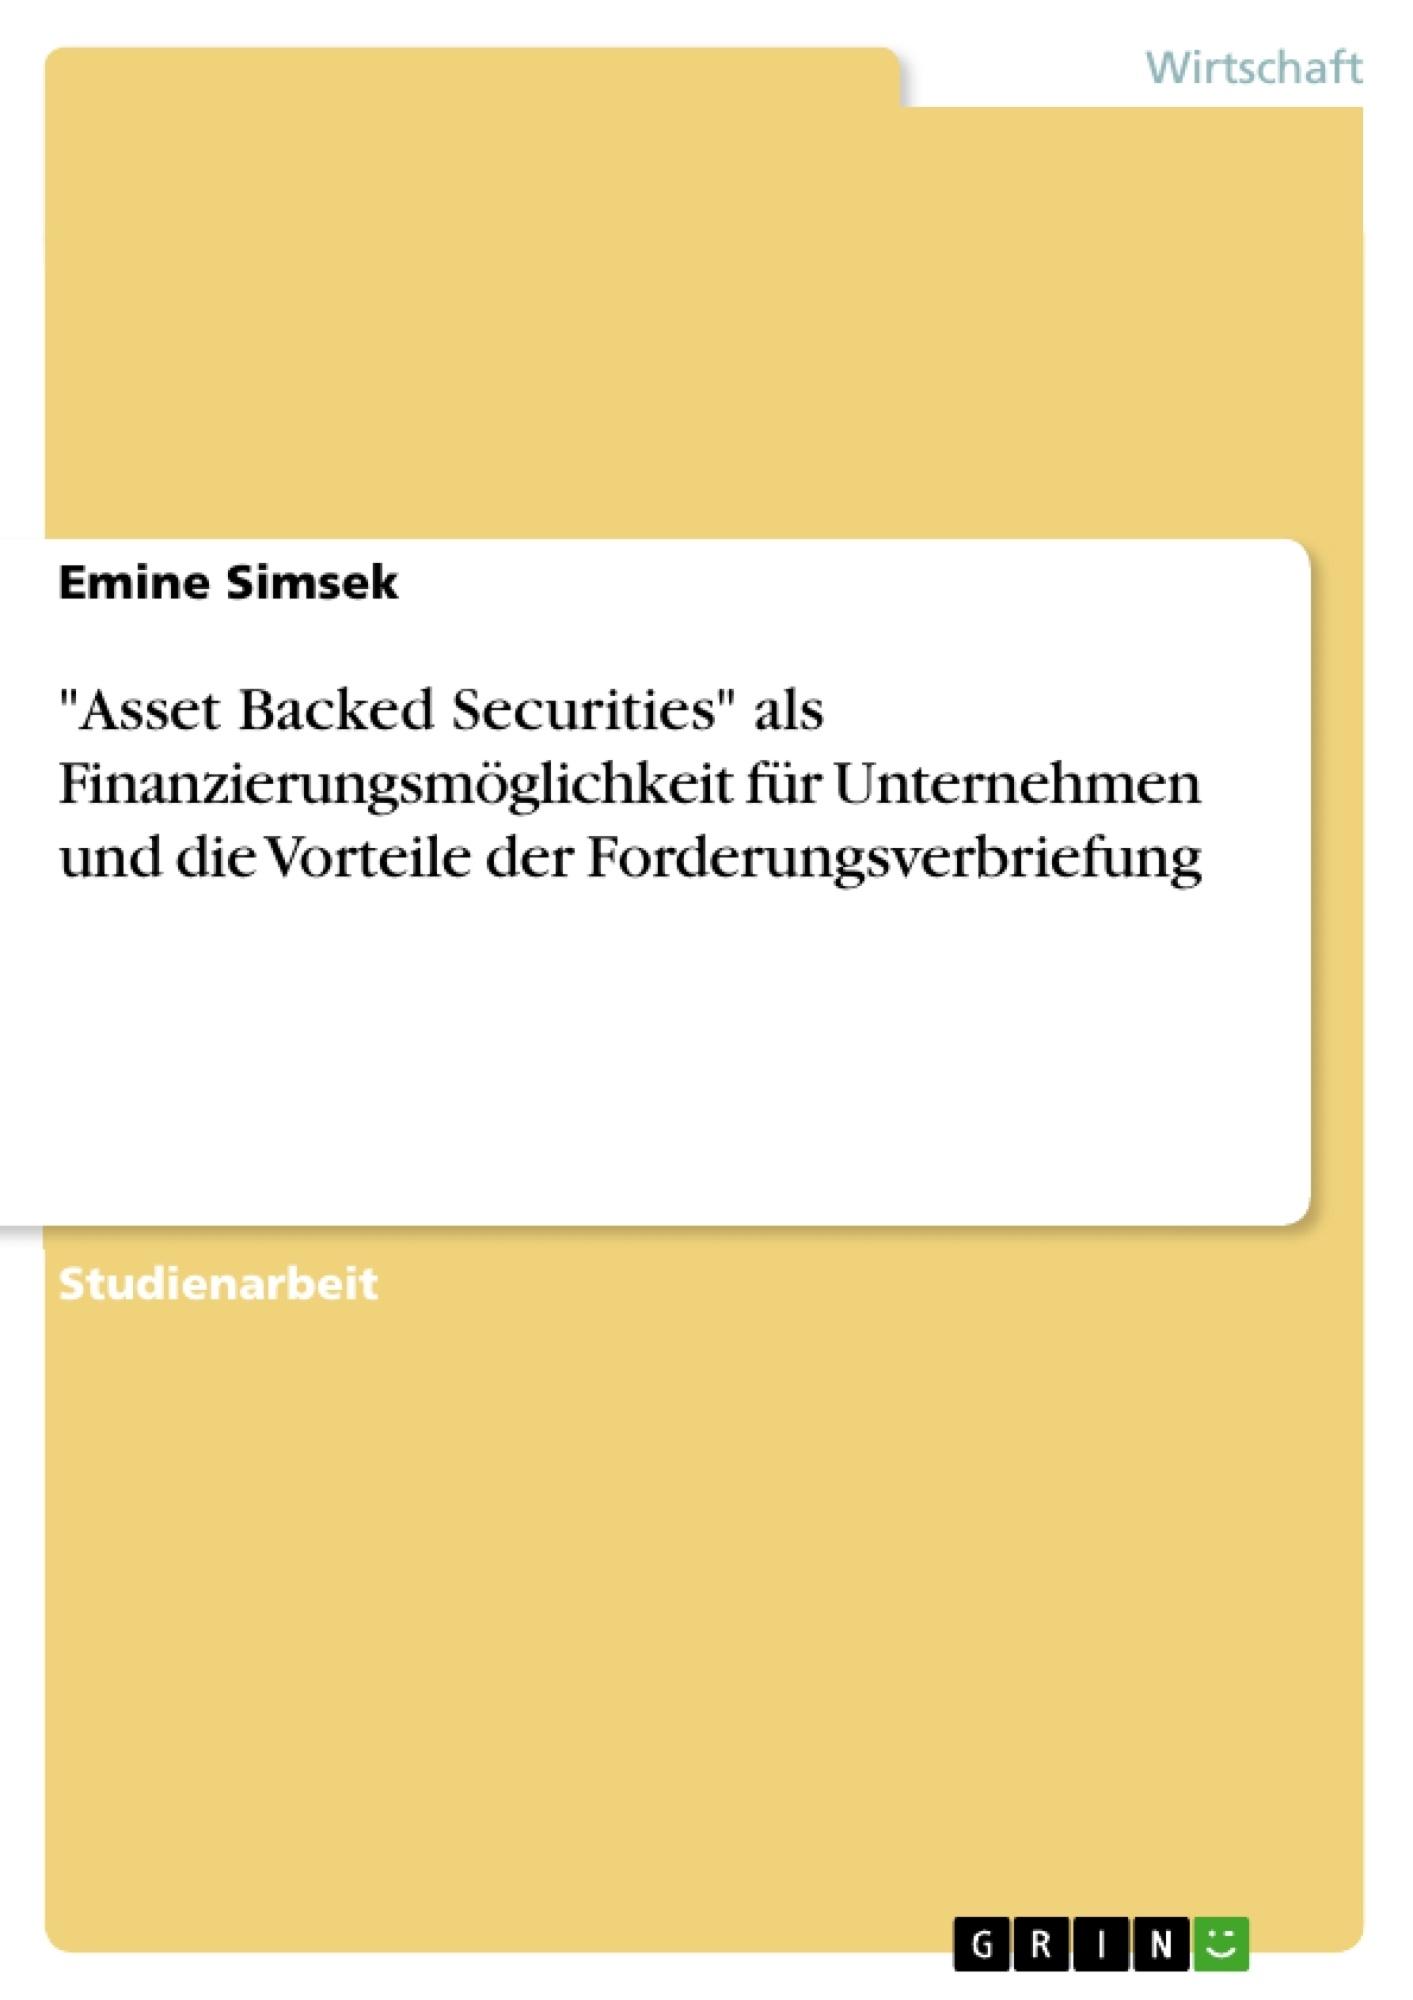 """Titel: """"Asset Backed Securities"""" als Finanzierungsmöglichkeit für Unternehmen und die Vorteile der Forderungsverbriefung"""